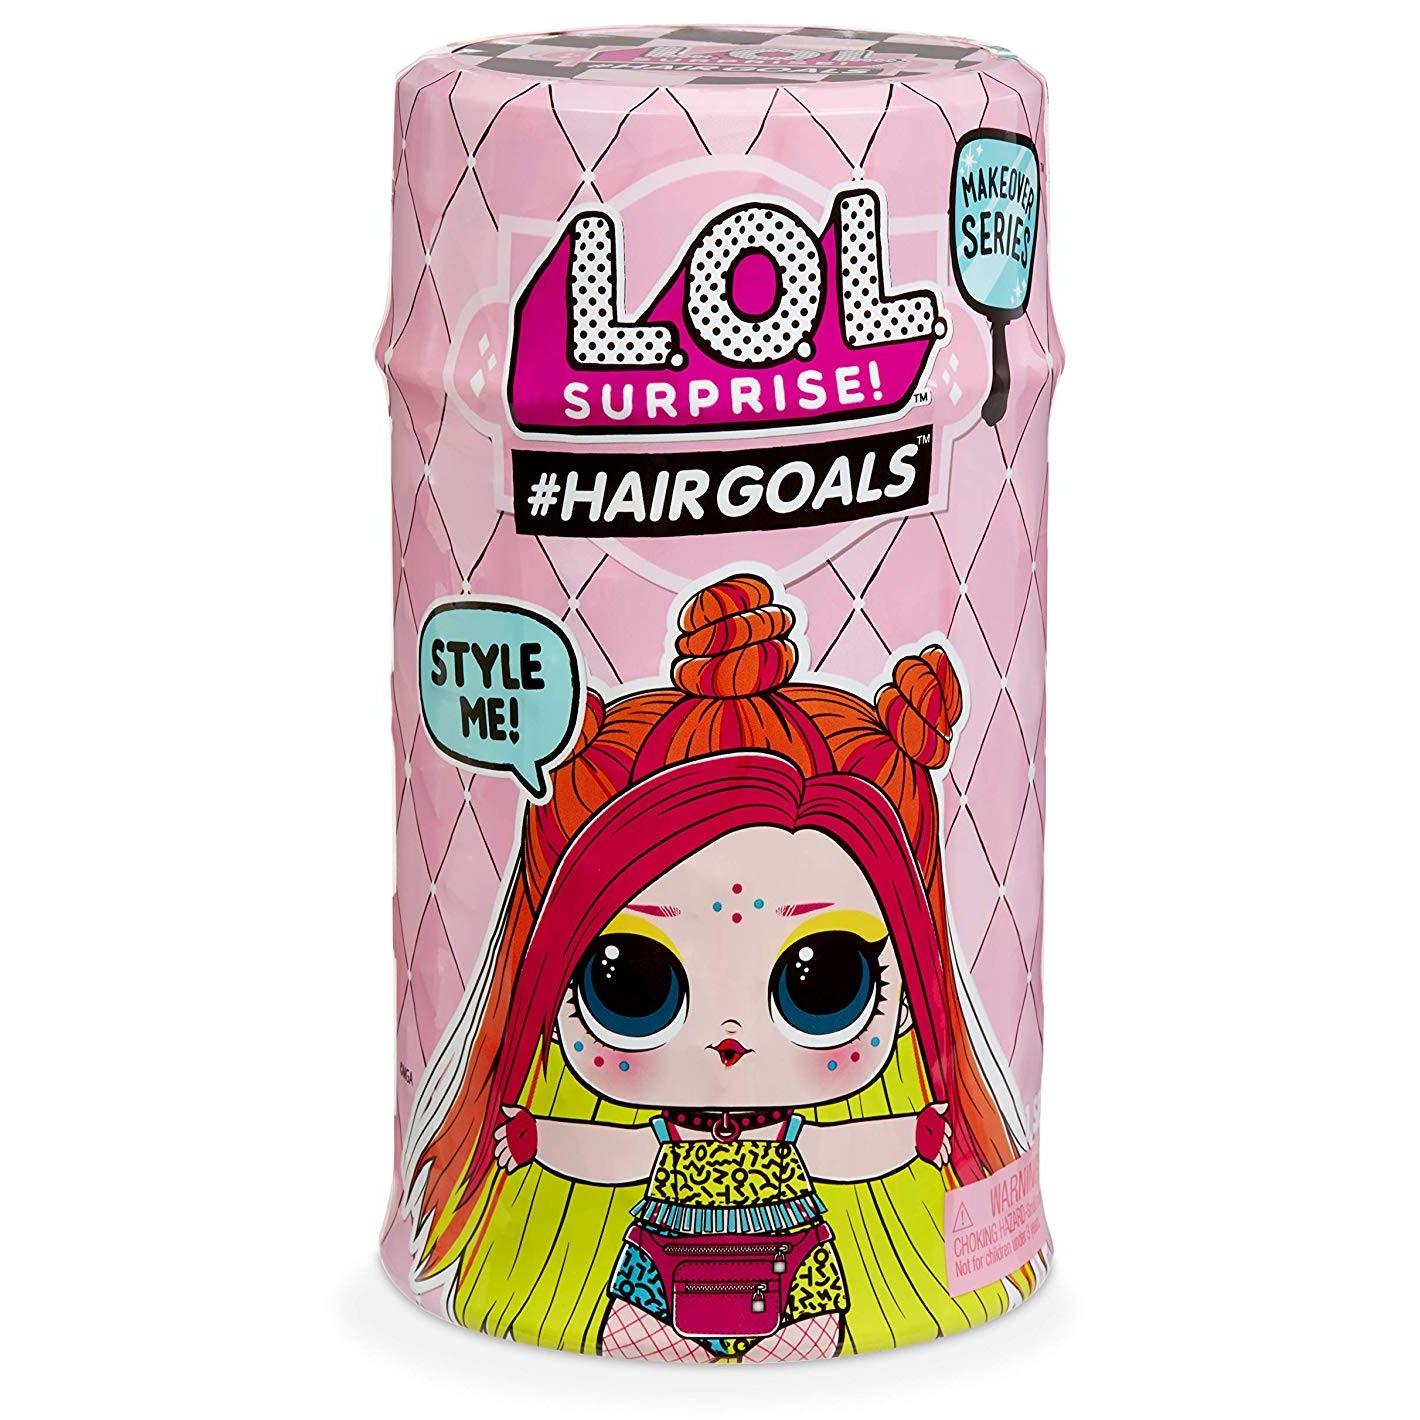 ЛОЛ - #Hairgoals (2 волна)